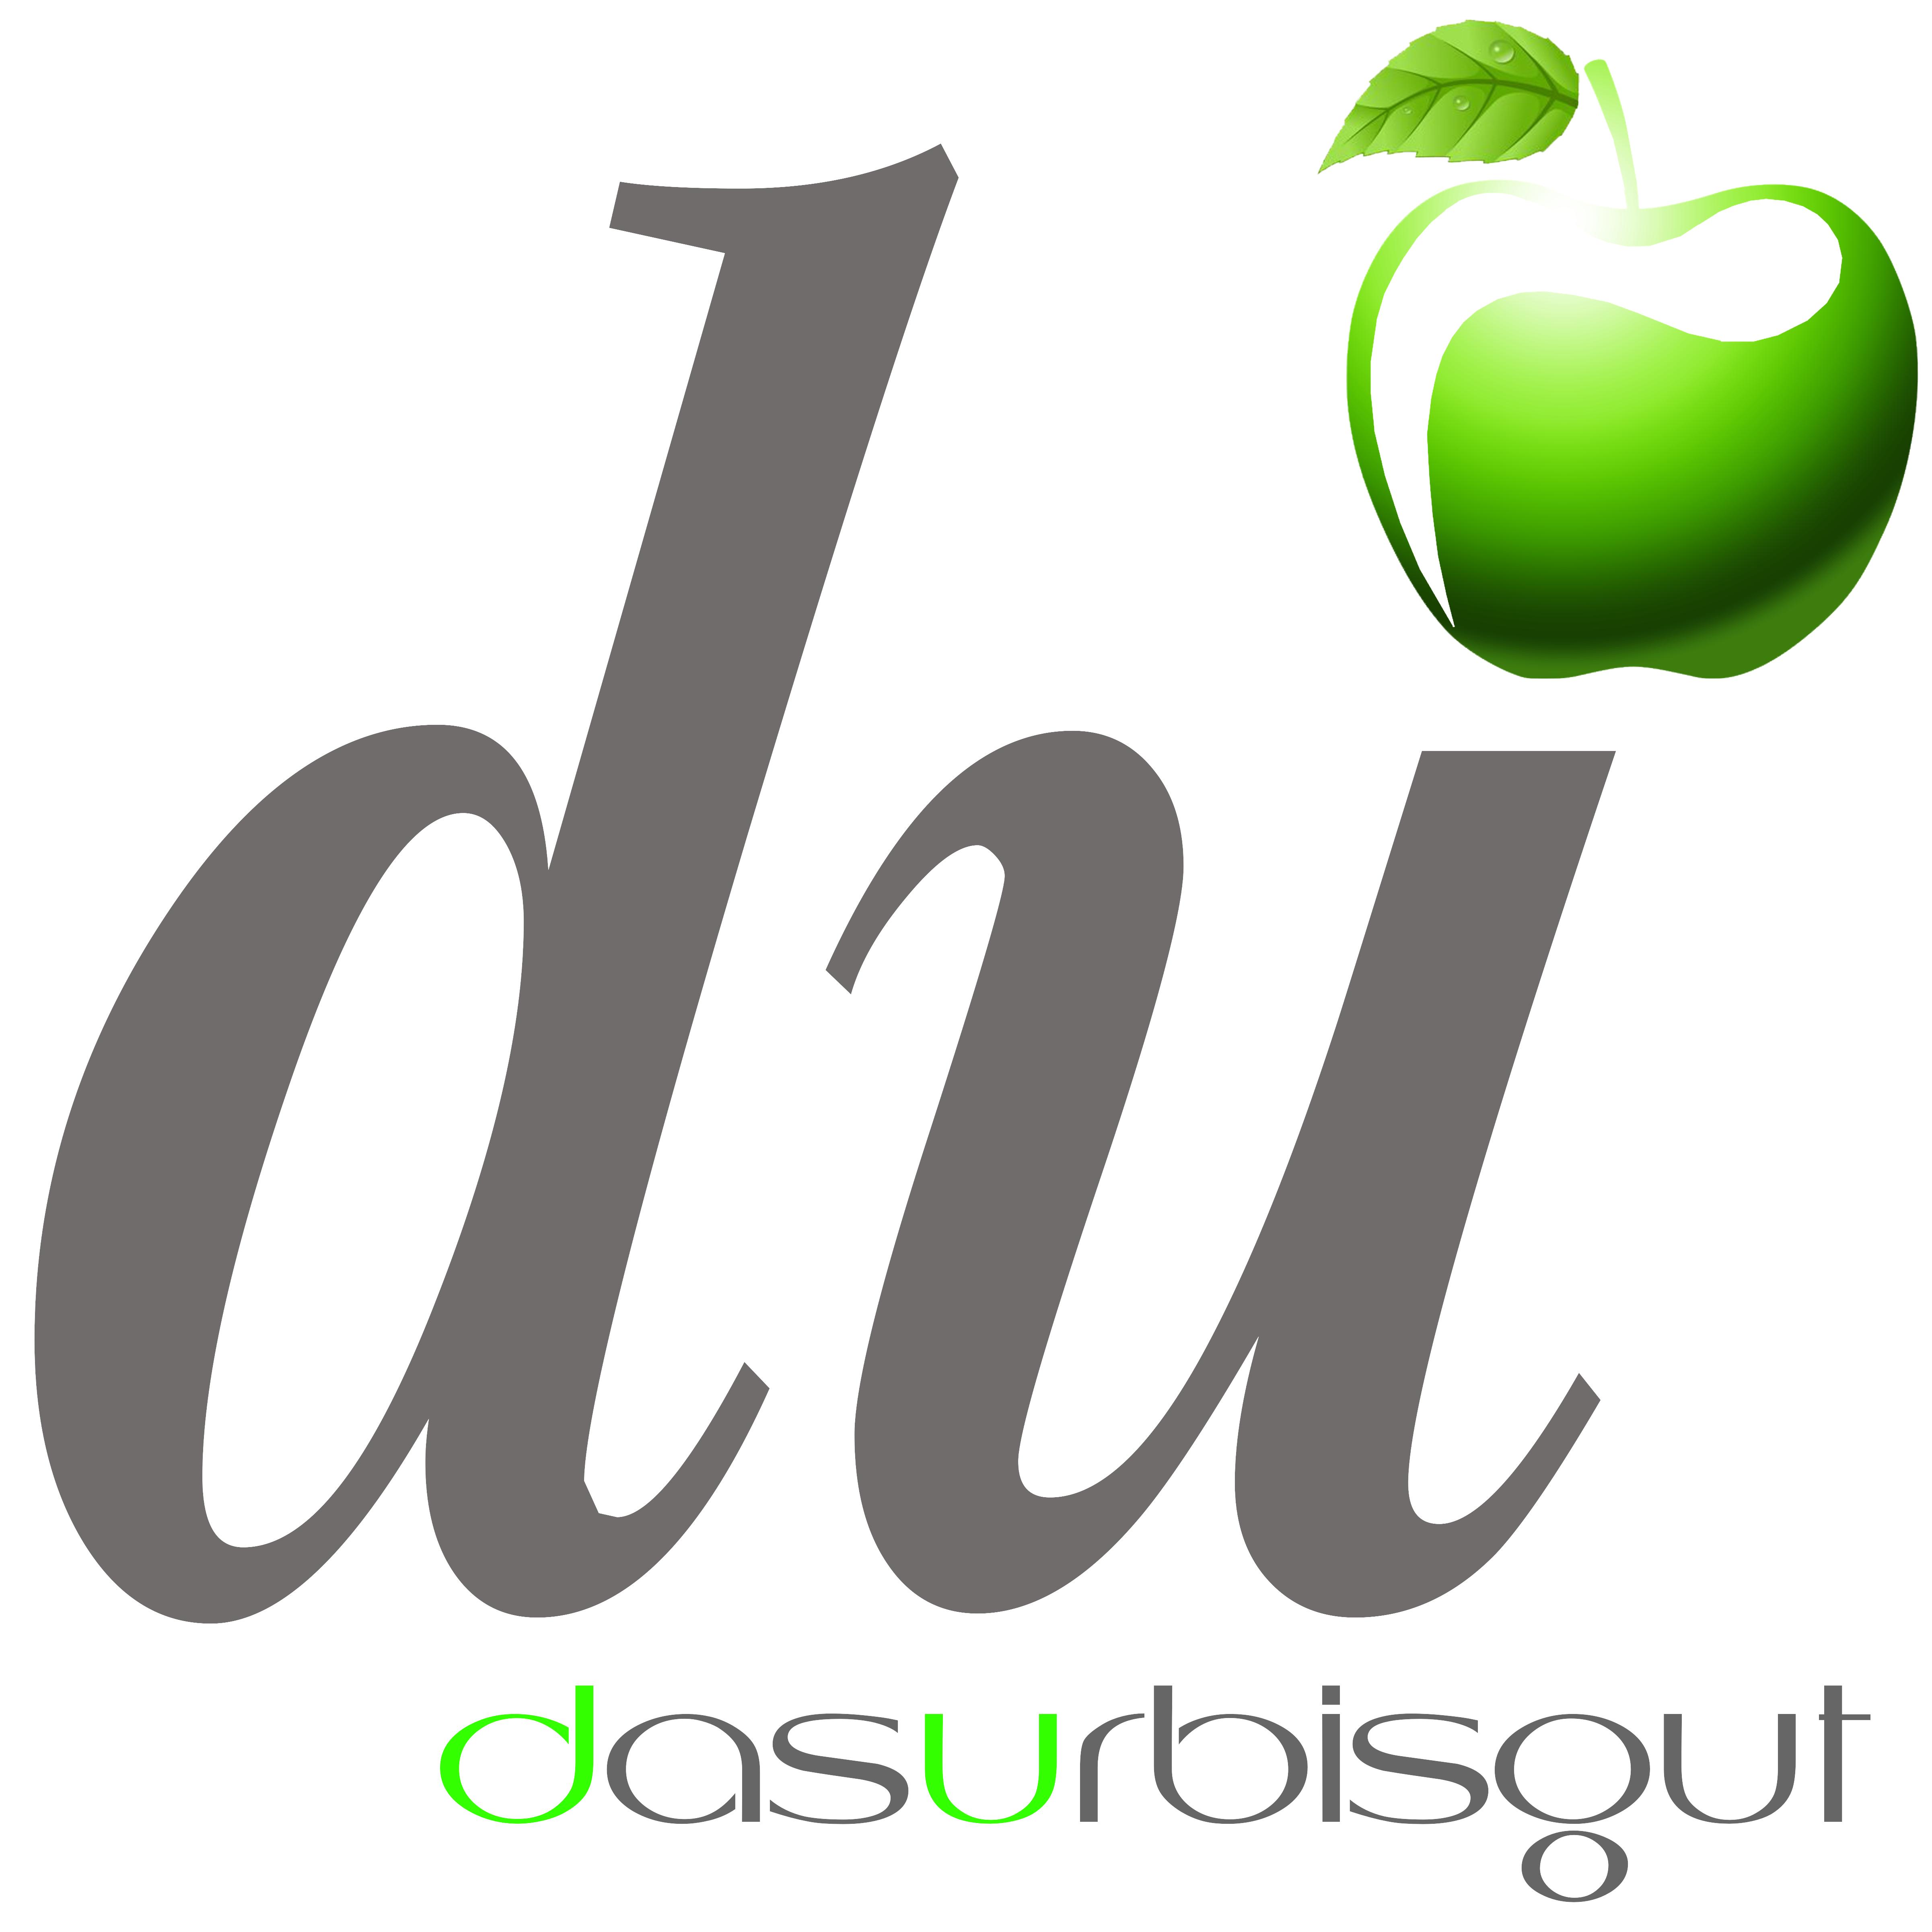 logoduapfelgruen13032018